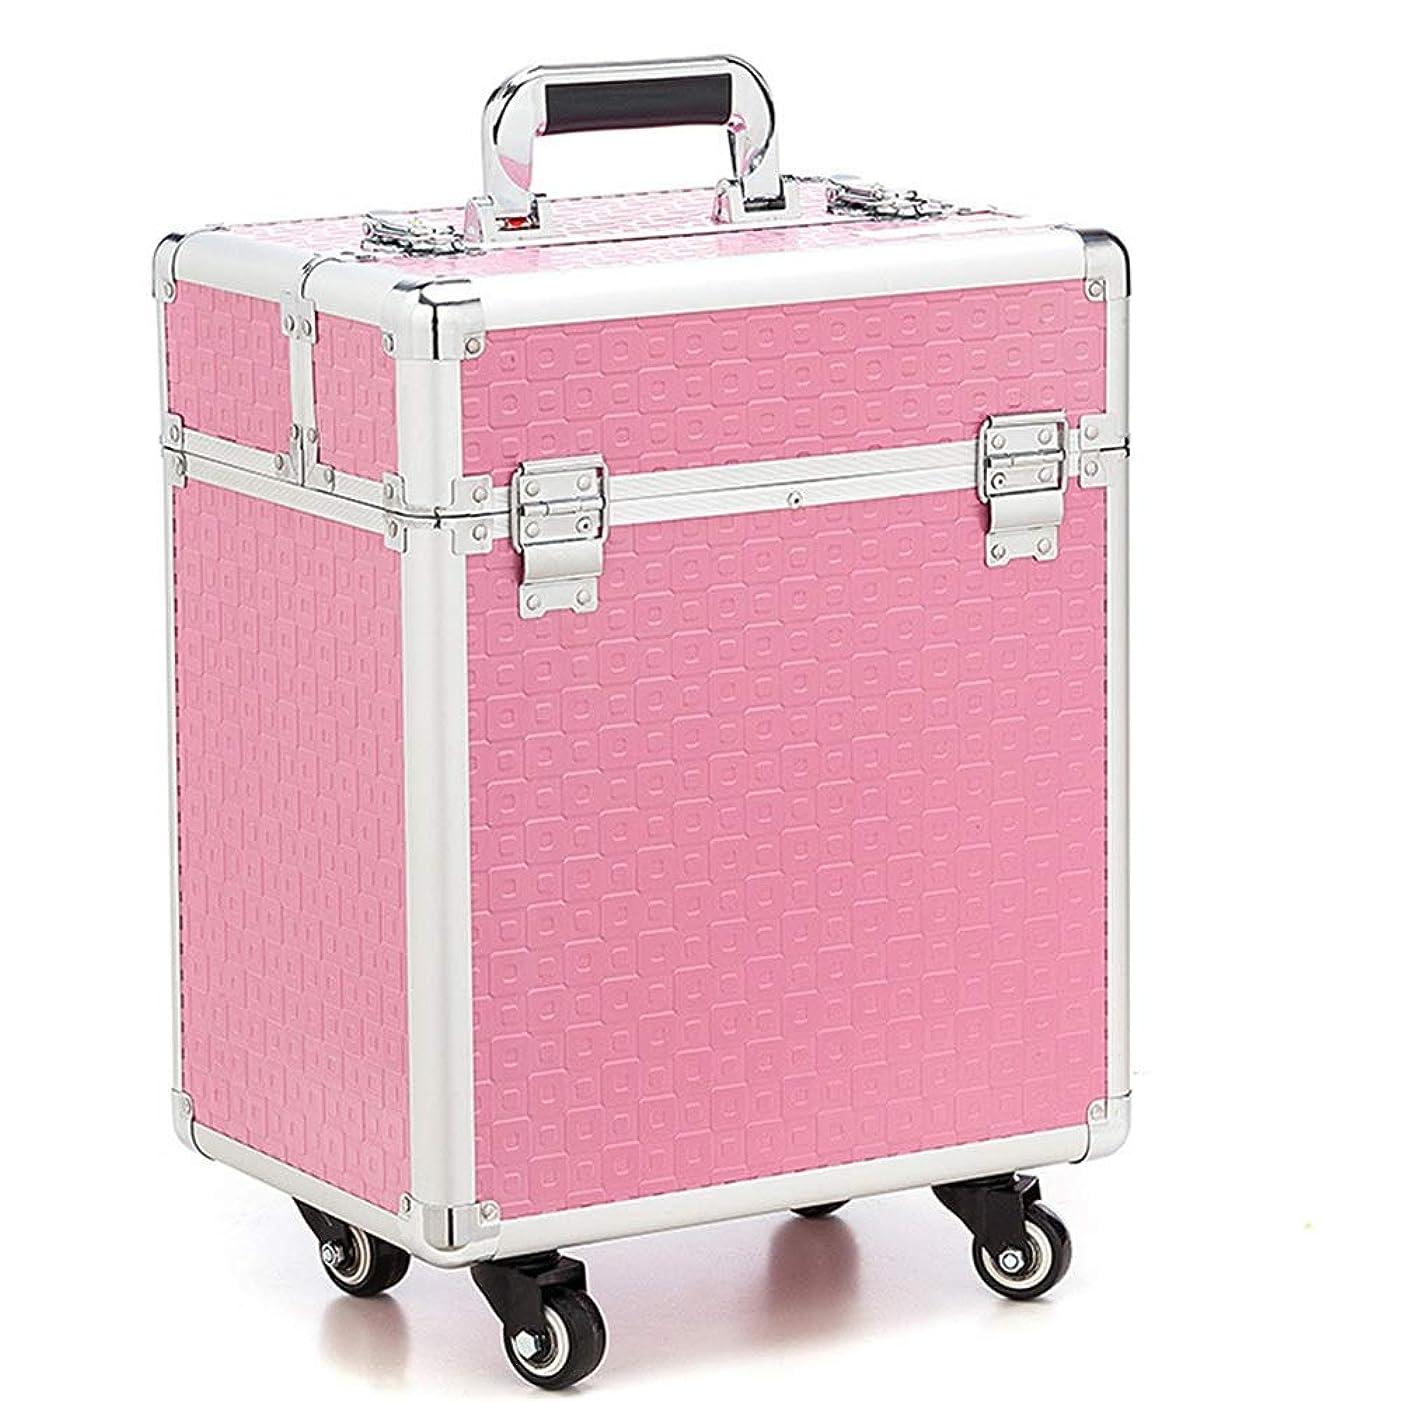 キャスト調べる吸収化粧オーガナイザーバッグ 360度ホイール3イン1プロフェッショナルアルミアーティストローリングトロリーメイクトレインケース化粧品オーガナイザー収納ボックス用ティーンガールズ女性アーティスト 化粧品ケース (色 : ピンク)